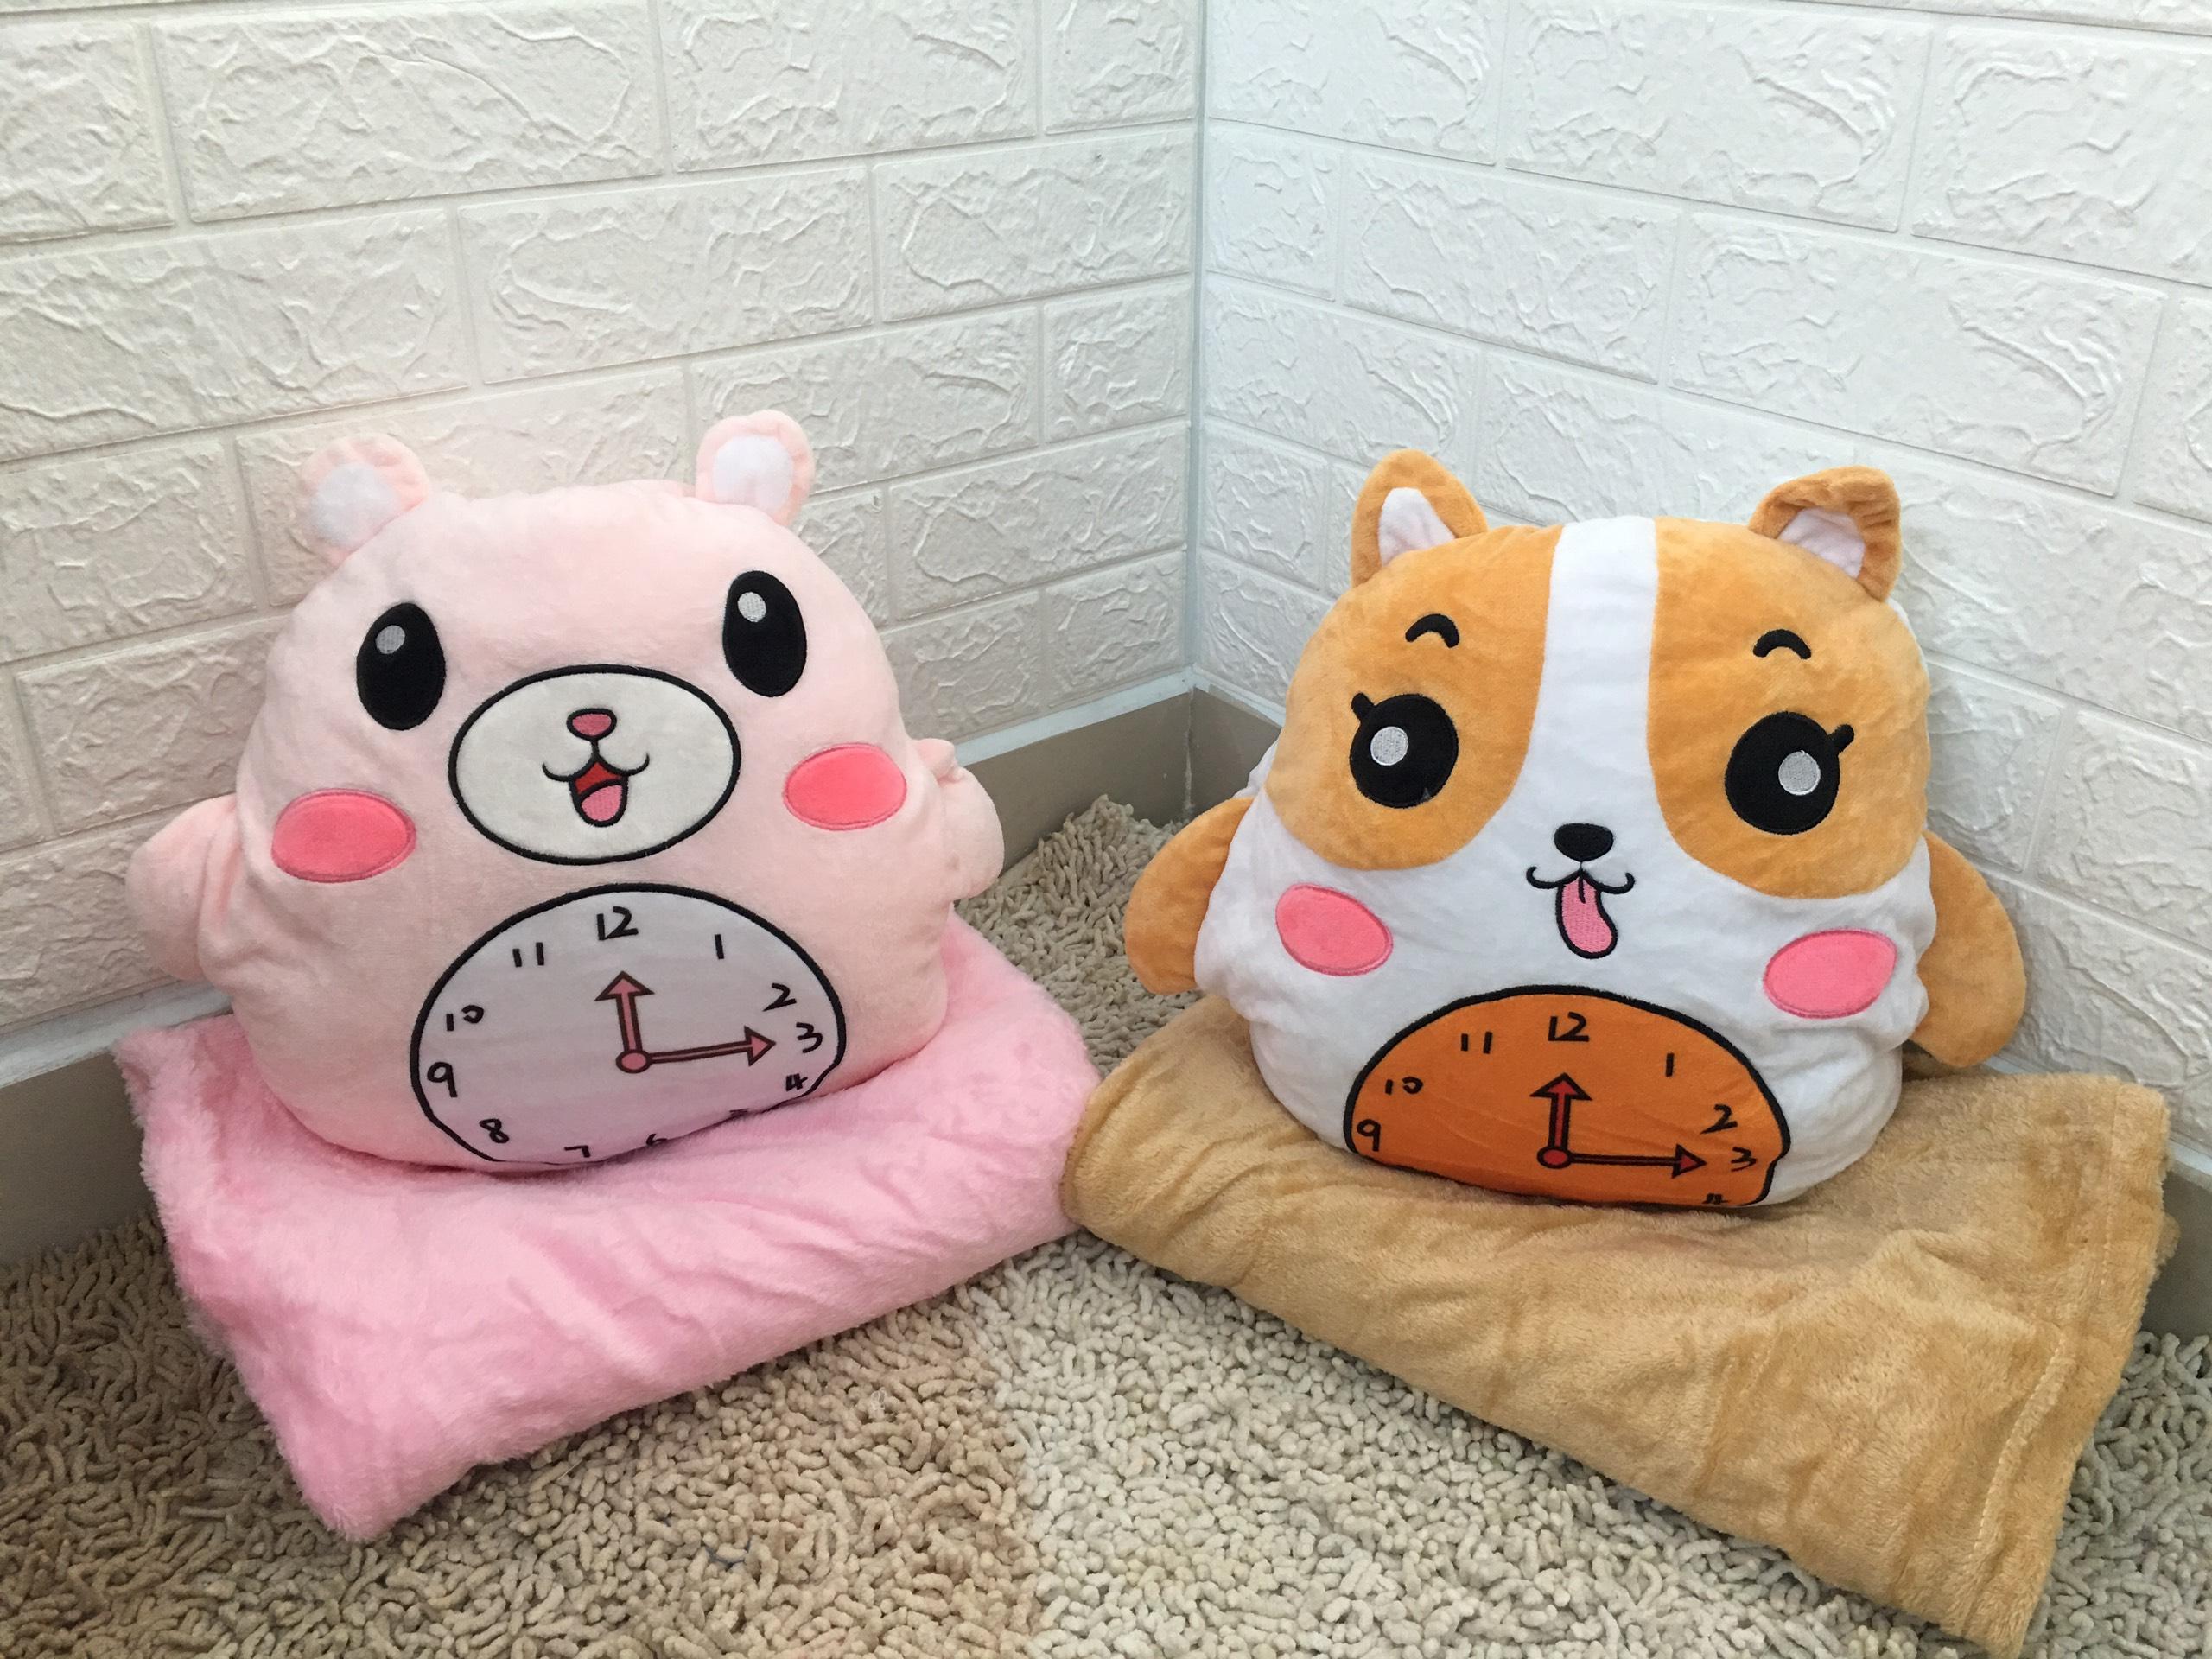 Gối mền gấu bông đồng hồ cute, nỉ nhung siêu mịn, bộ chăn gối văn phòng, gấu bông kèm mền quà tặng sinh nhật